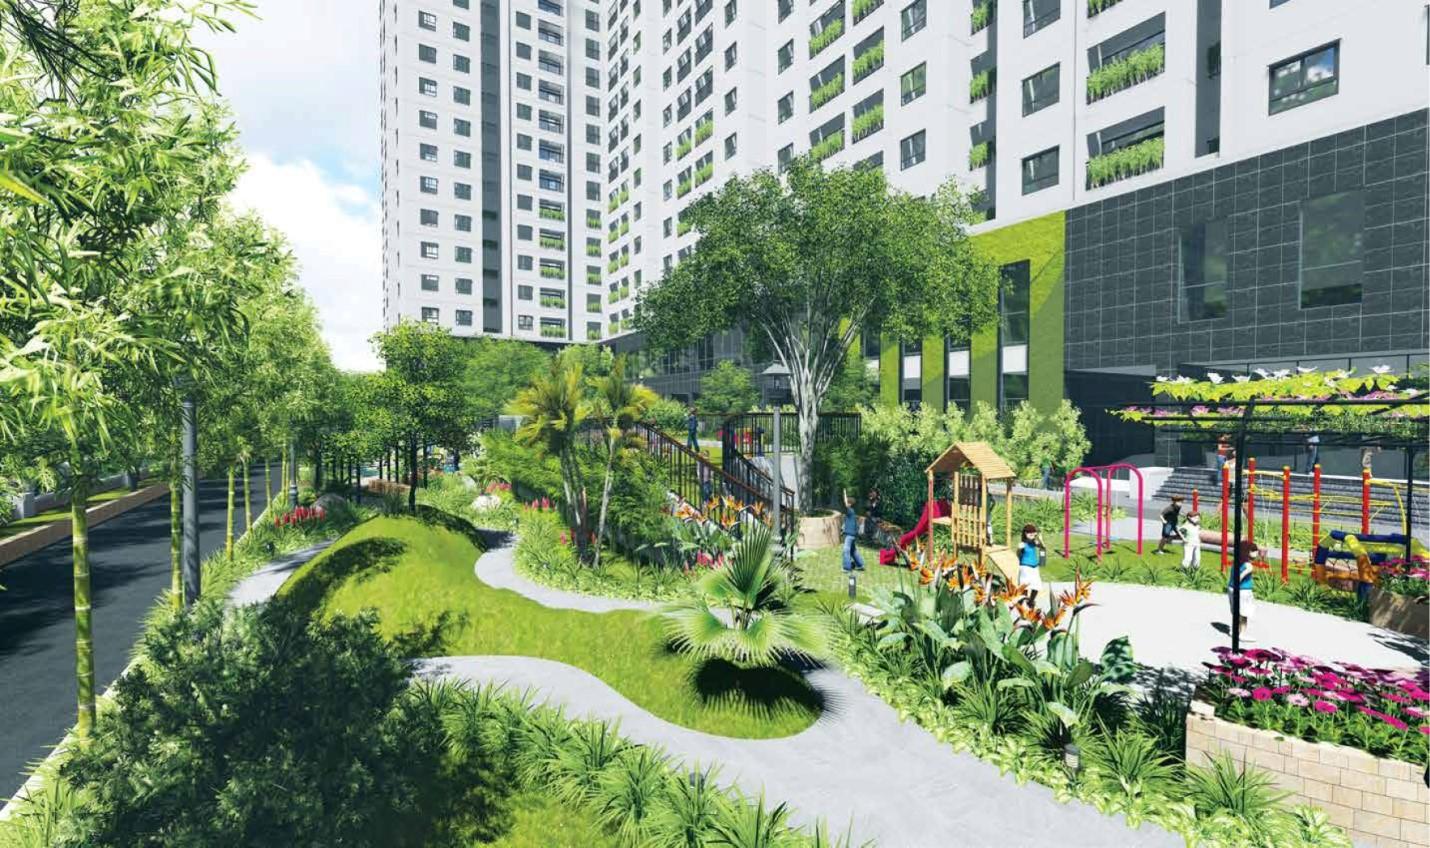 Khuôn viên cây xanh tại dự án Bel Air Từ Liêm